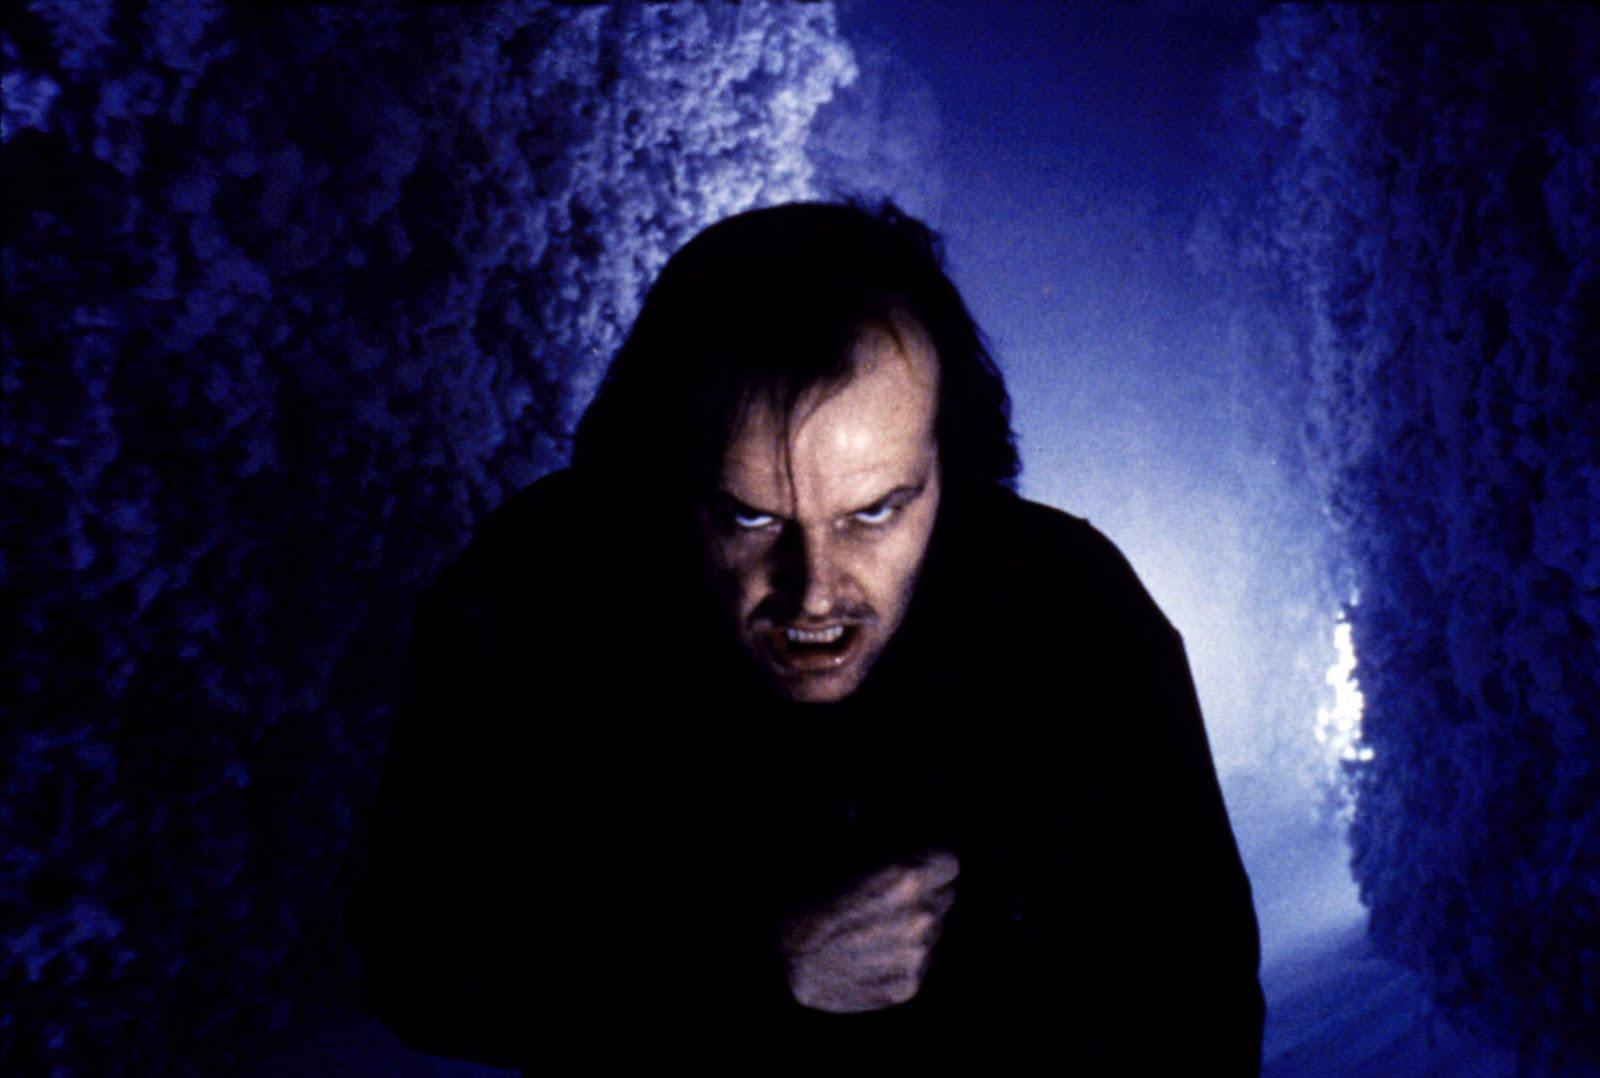 http://2.bp.blogspot.com/-XR2bFeeKARI/TaGyap0V9qI/AAAAAAAAAIM/NLvlIRjkRQU/s1600/Jack+Nicholson+The+Shining.jpg